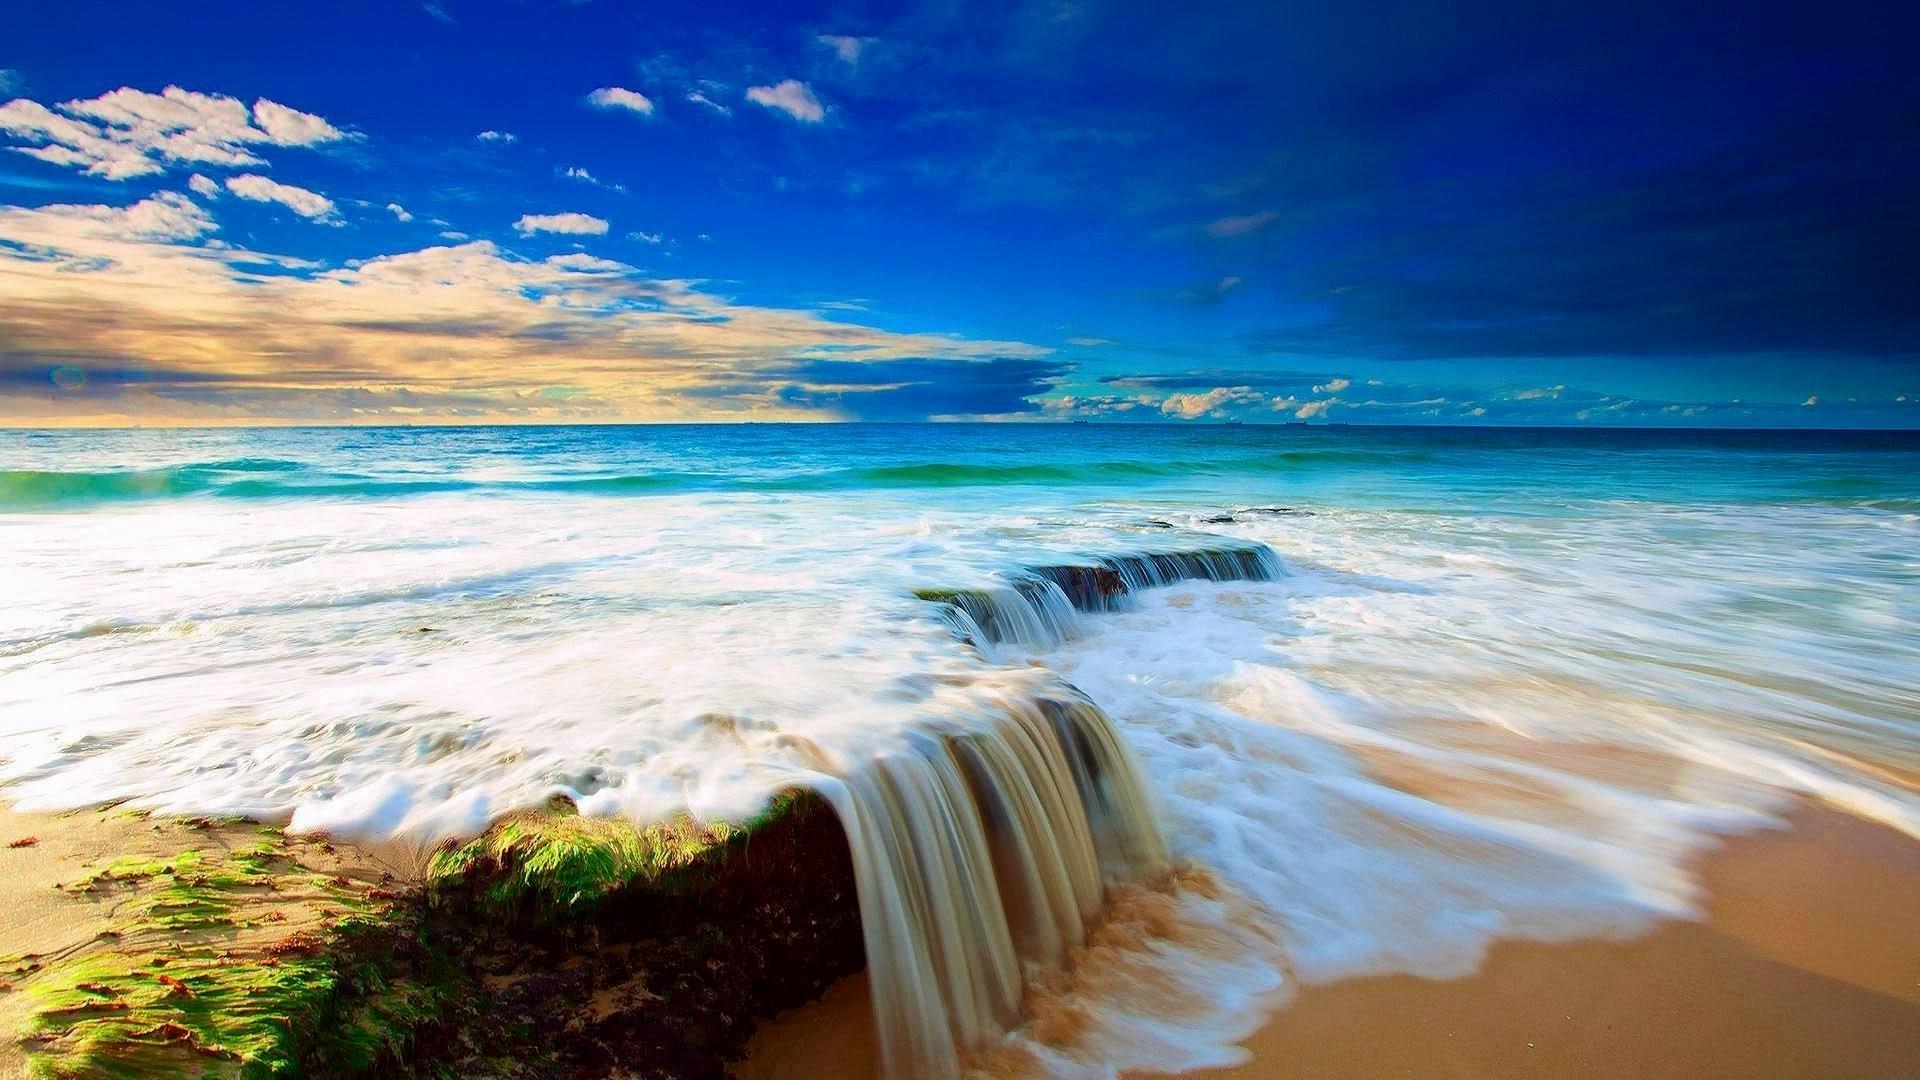 Ocean Scenes Wallpaper (42+ pictures)